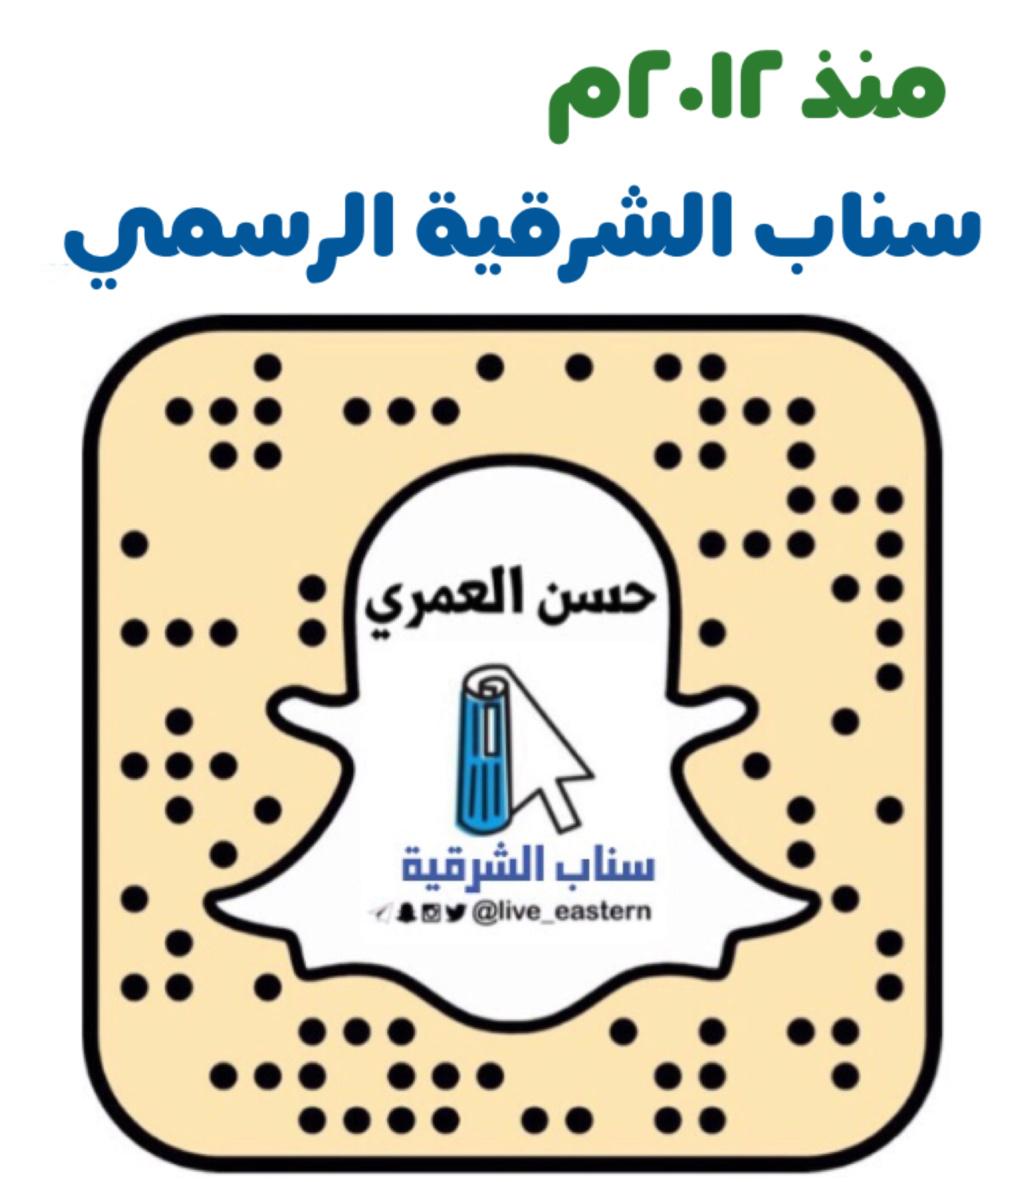 سناب الشرقية الرسمي – حسن العمري 34263010